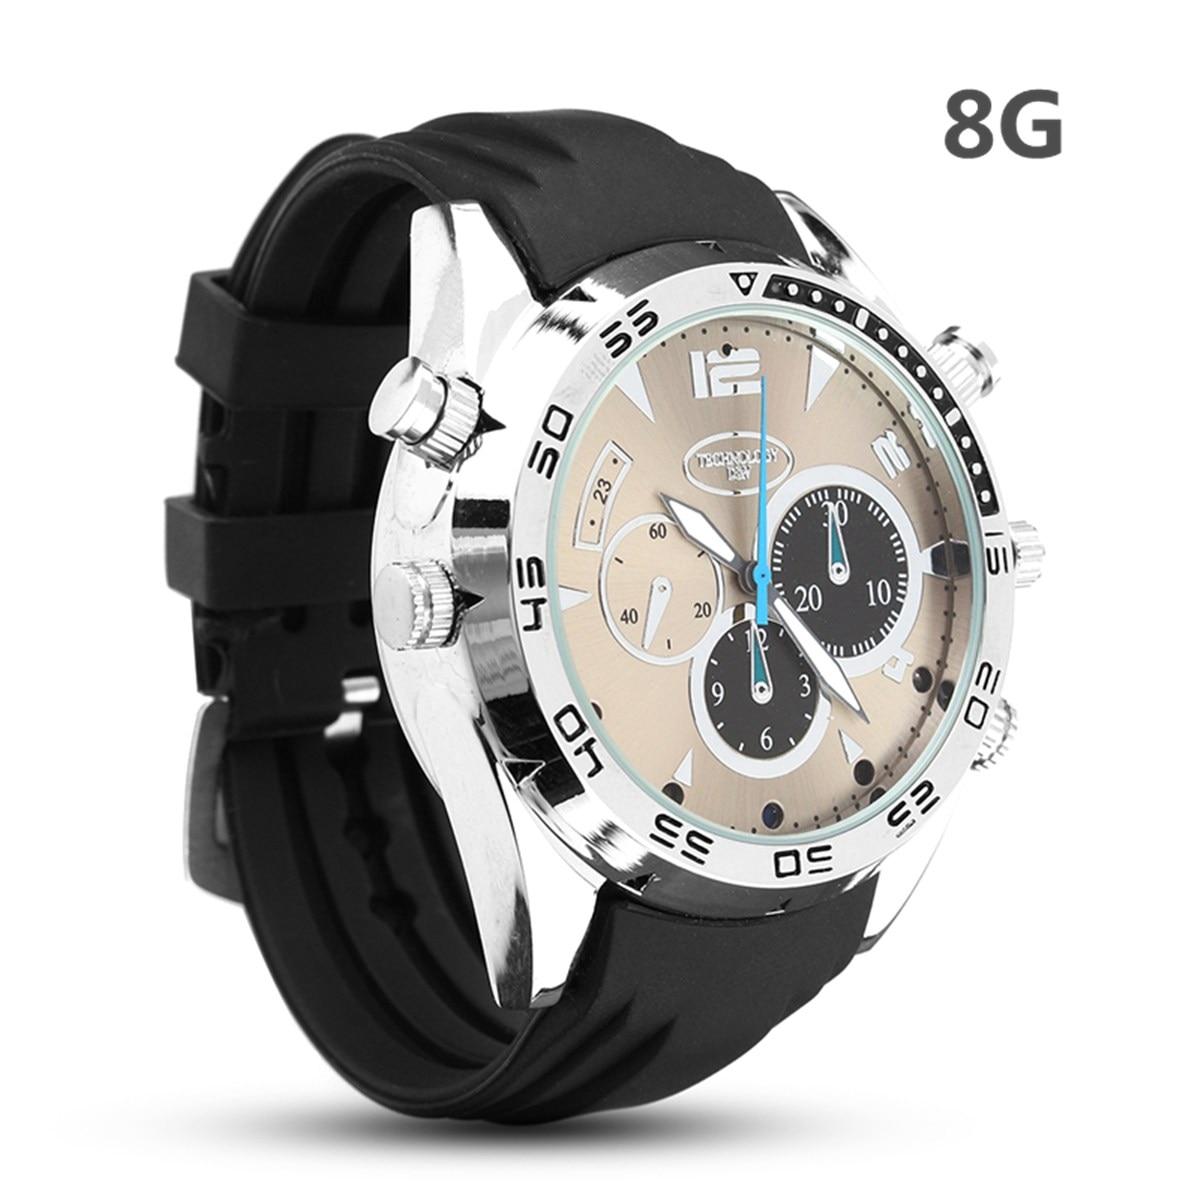 Reloj Digital infrarrojo resistente al agua 8G Full 1080P HD Cámara reloj para tomar fotos grabación de Audio Fuction hombres mujeres reloj